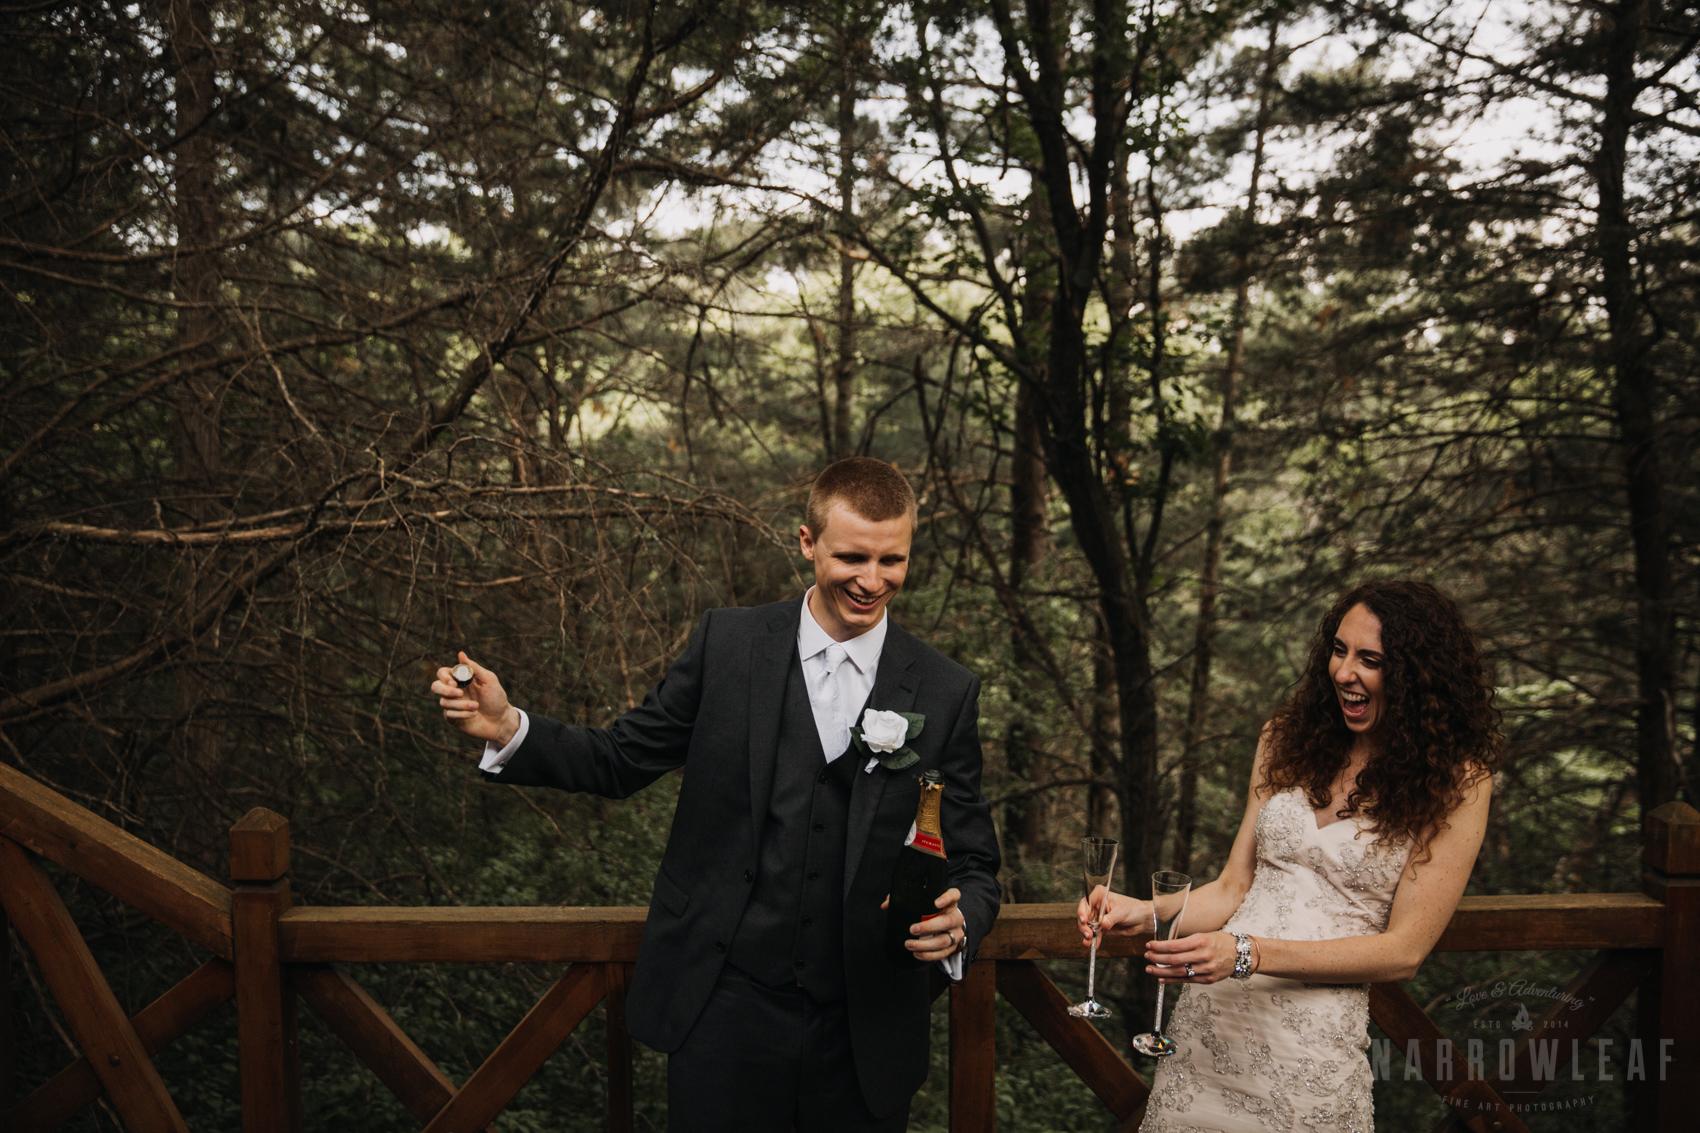 bride-groom-wooded-adventure-portraits-mermaid-dress-313.jpg